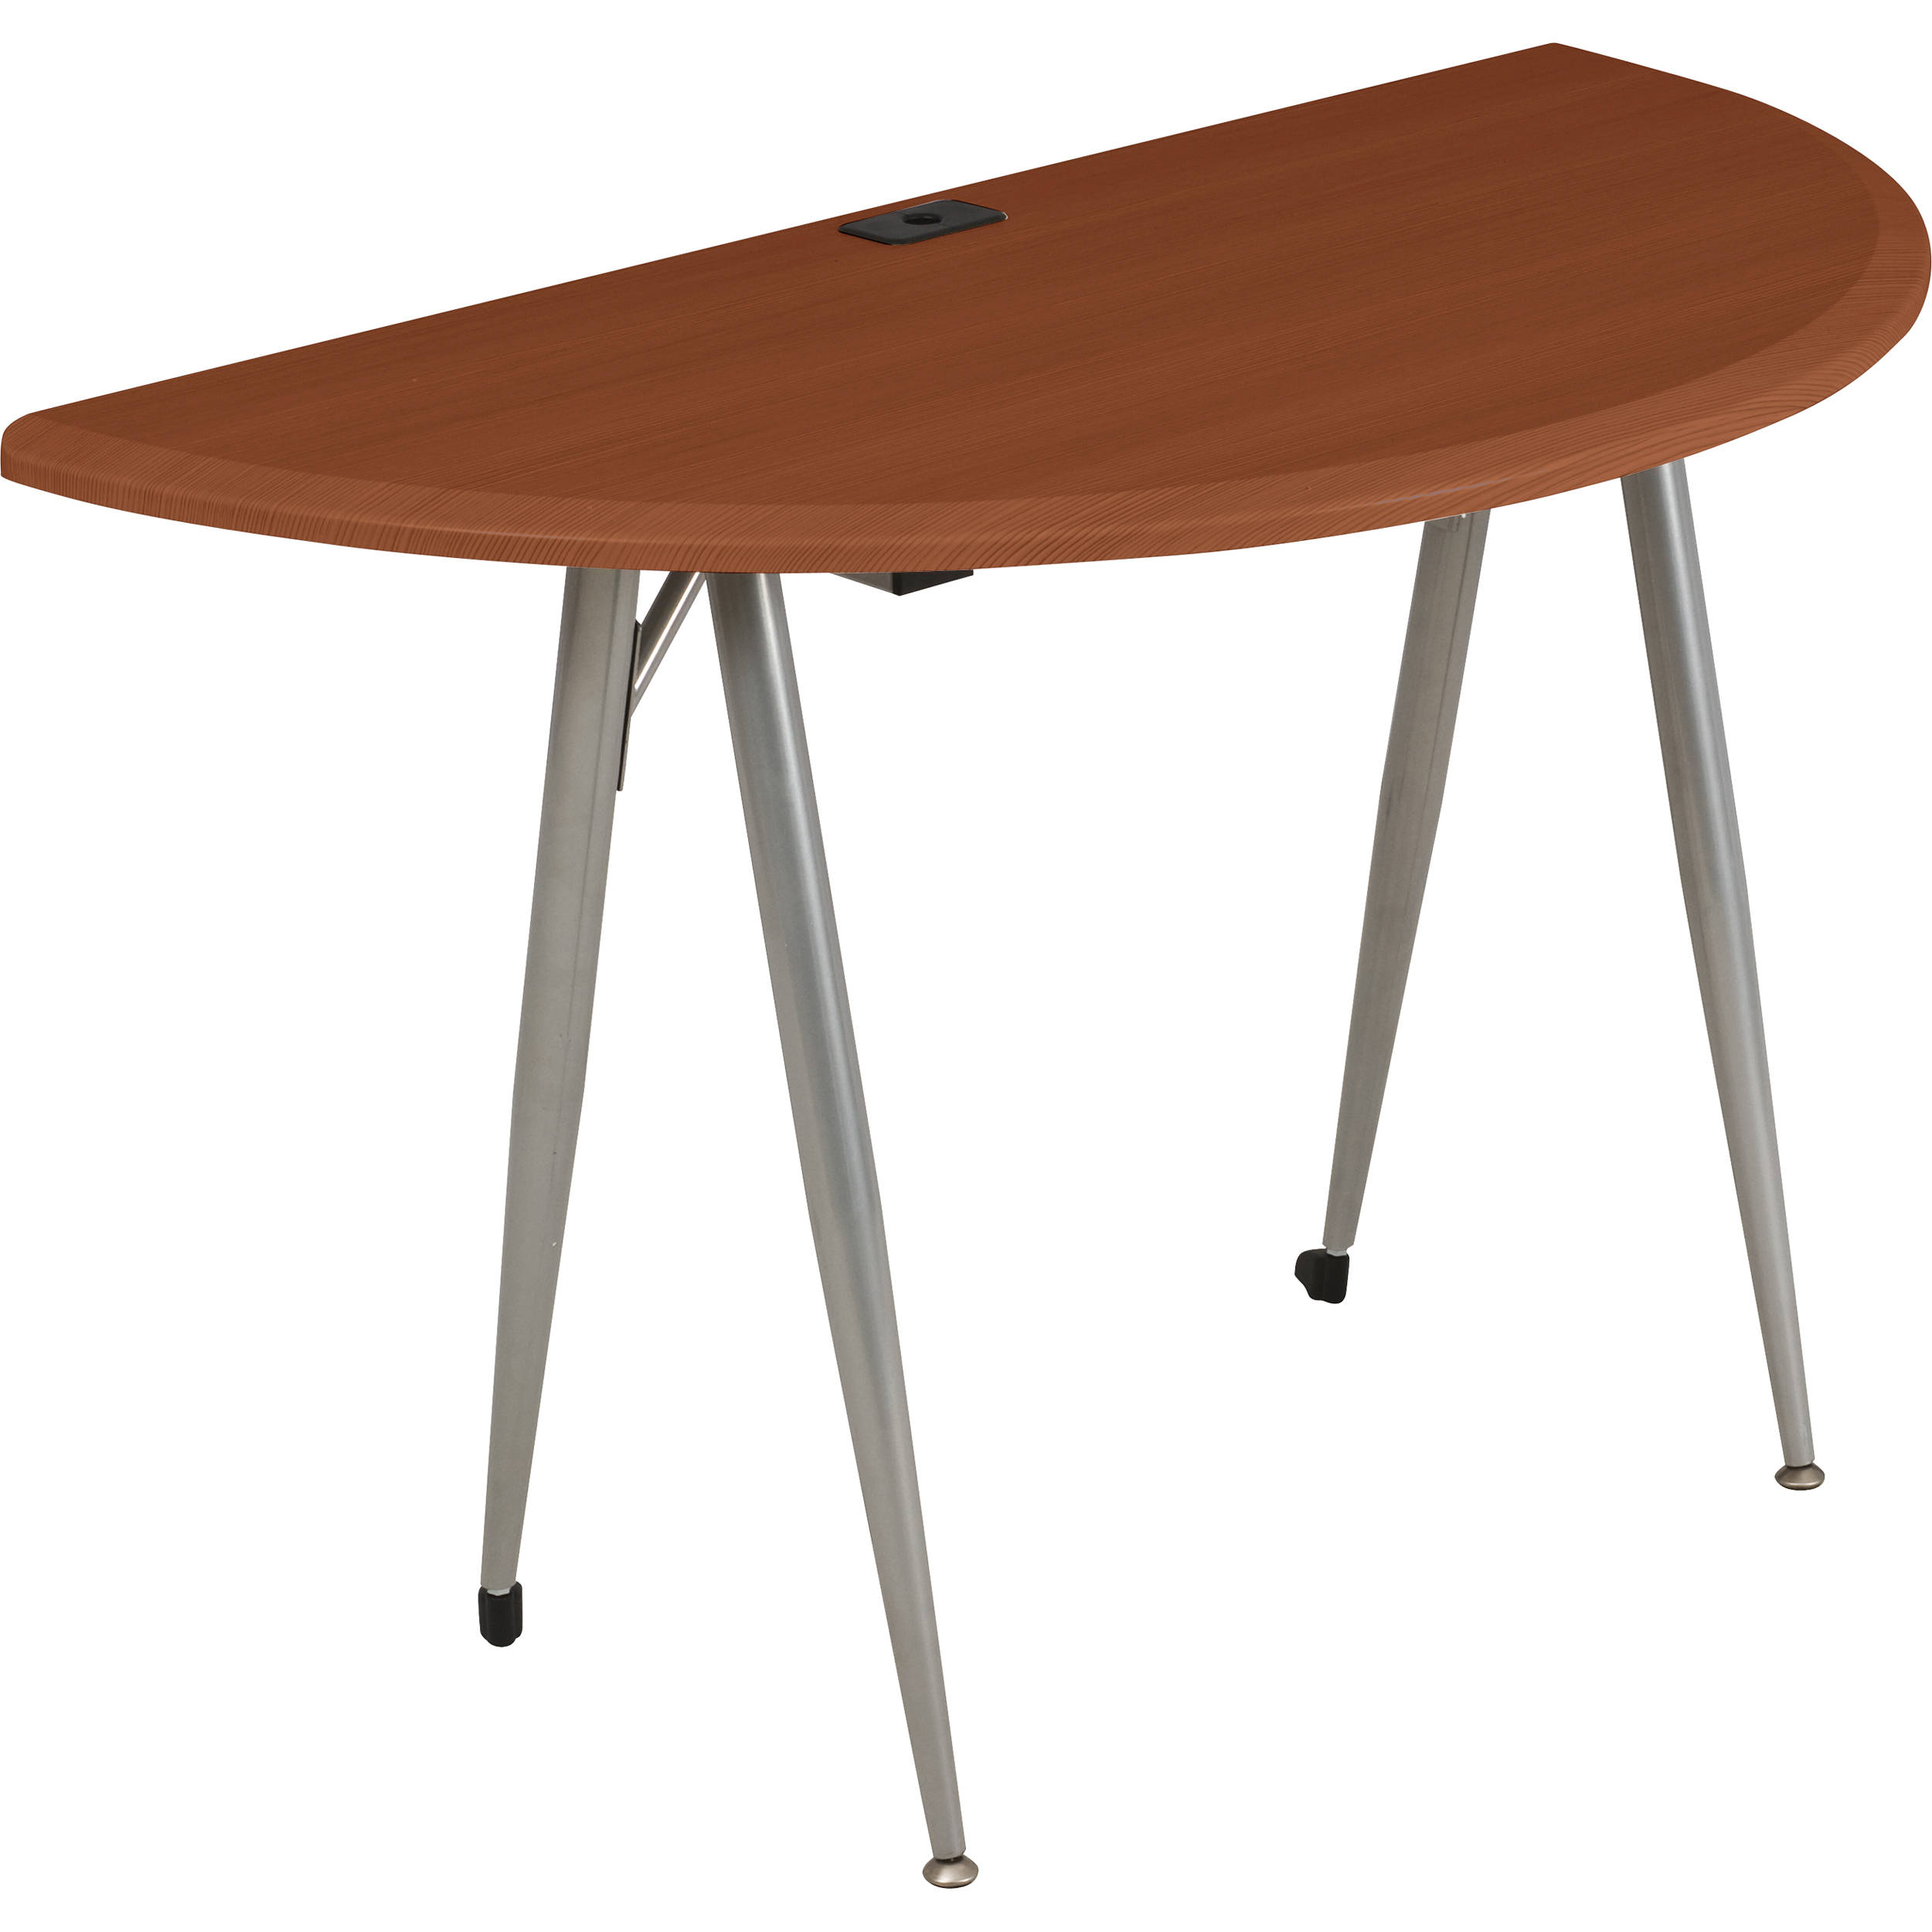 Balt iFlex Small Desk (Half Round, Cherry) 90003 B&H Photo Video